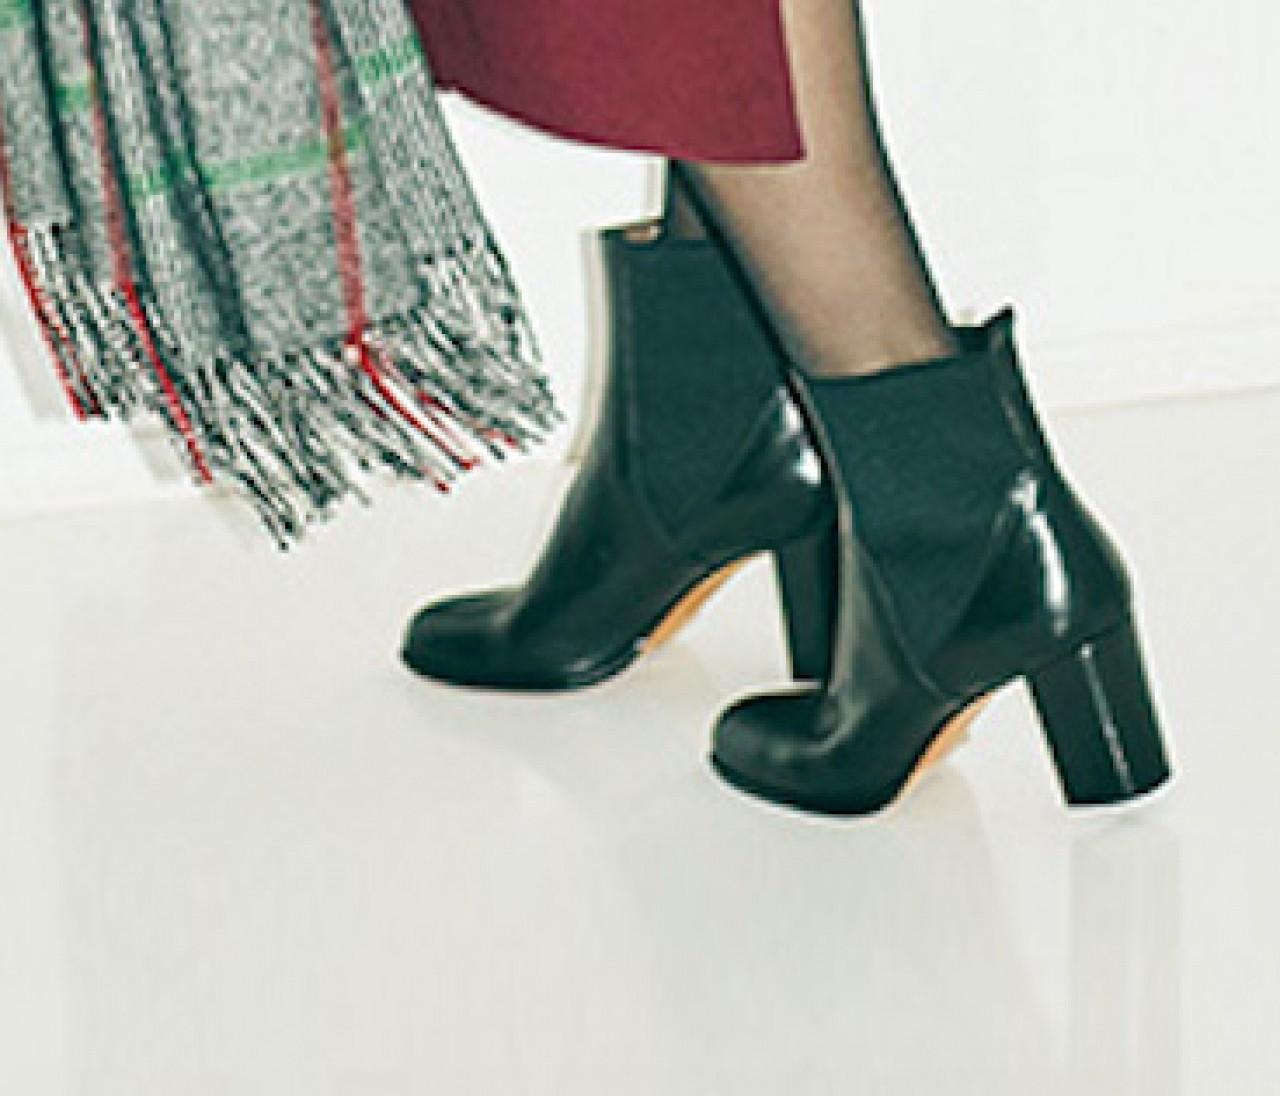 冬の定番シューズ大賞【黒ショートブーツ】をもっと素敵に履く6つのアイデア